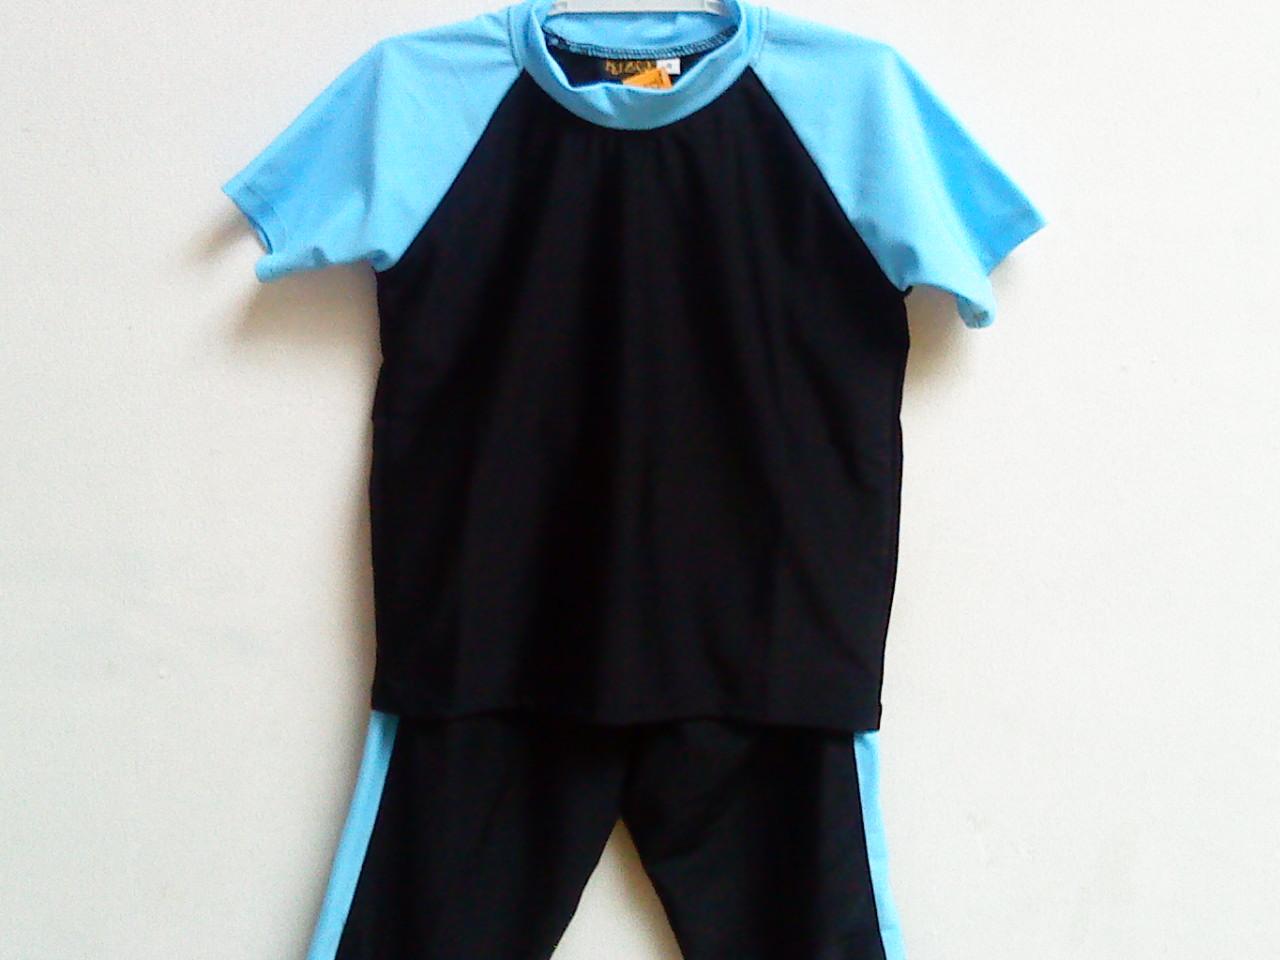 Anugrah Busana Muslim: Baju Renang Anak Laki-Laki. Kode